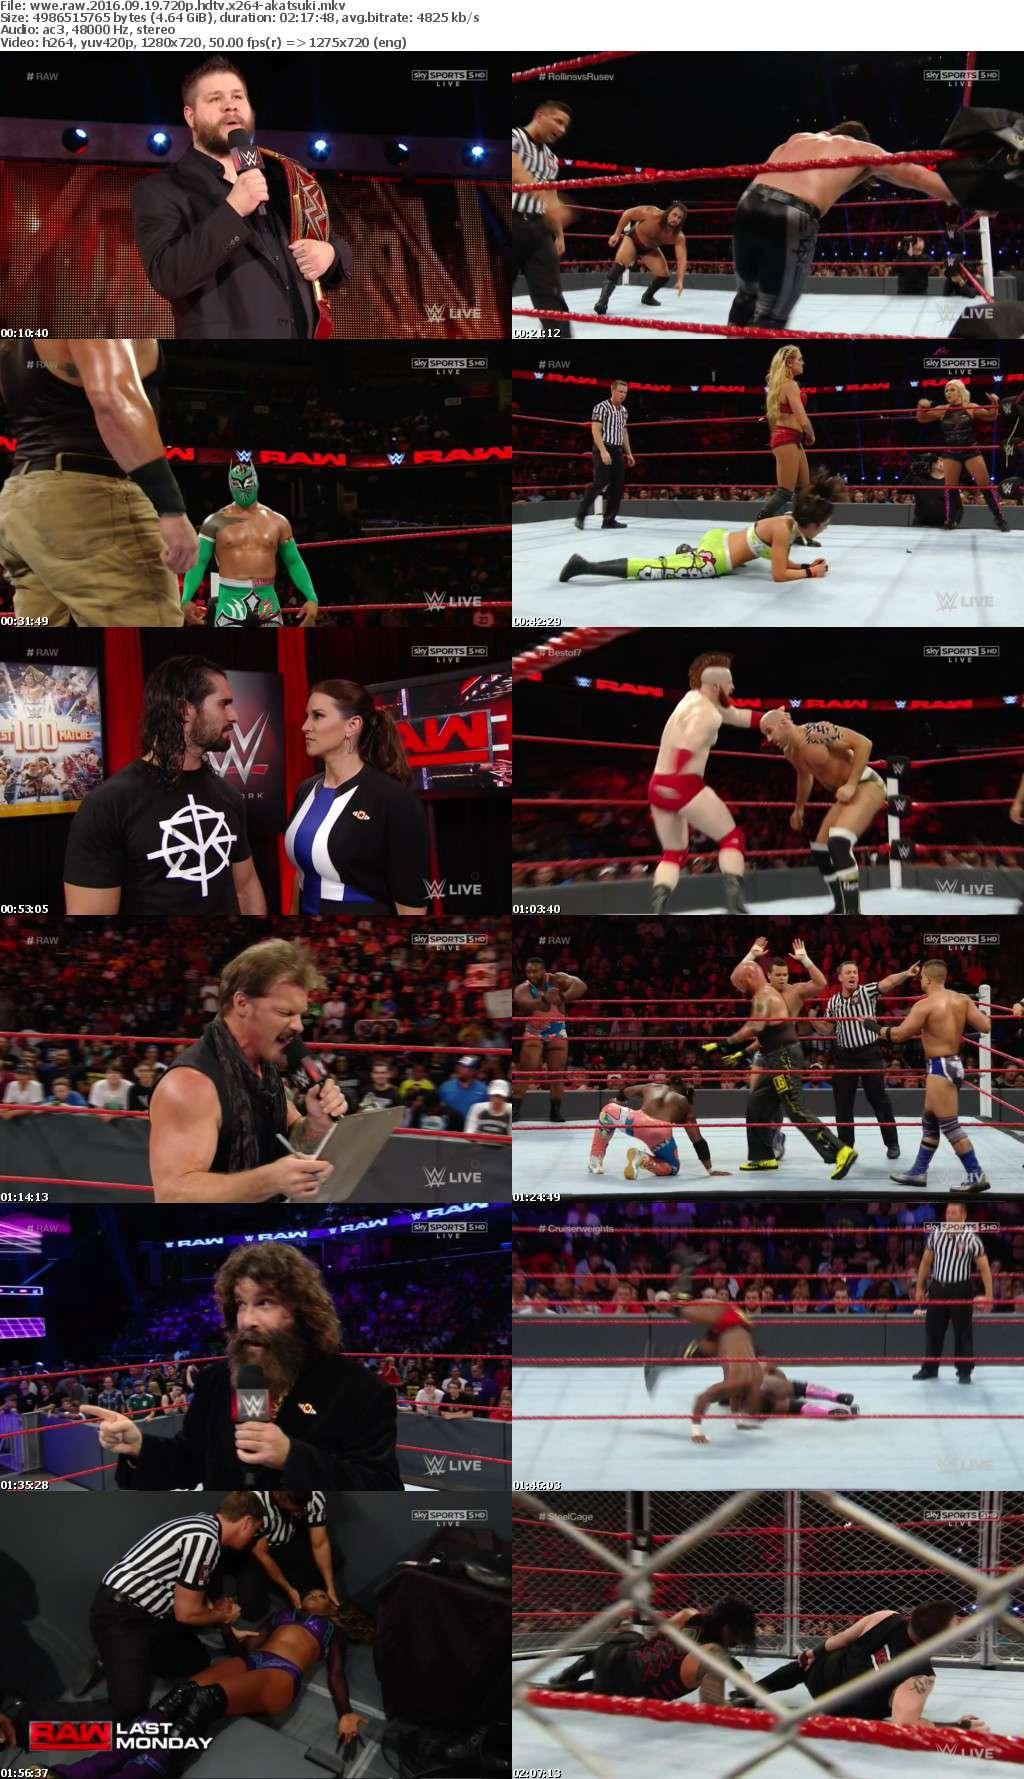 WWE RAW 2016 09 19 720p HDTV x264-AKATSUKi